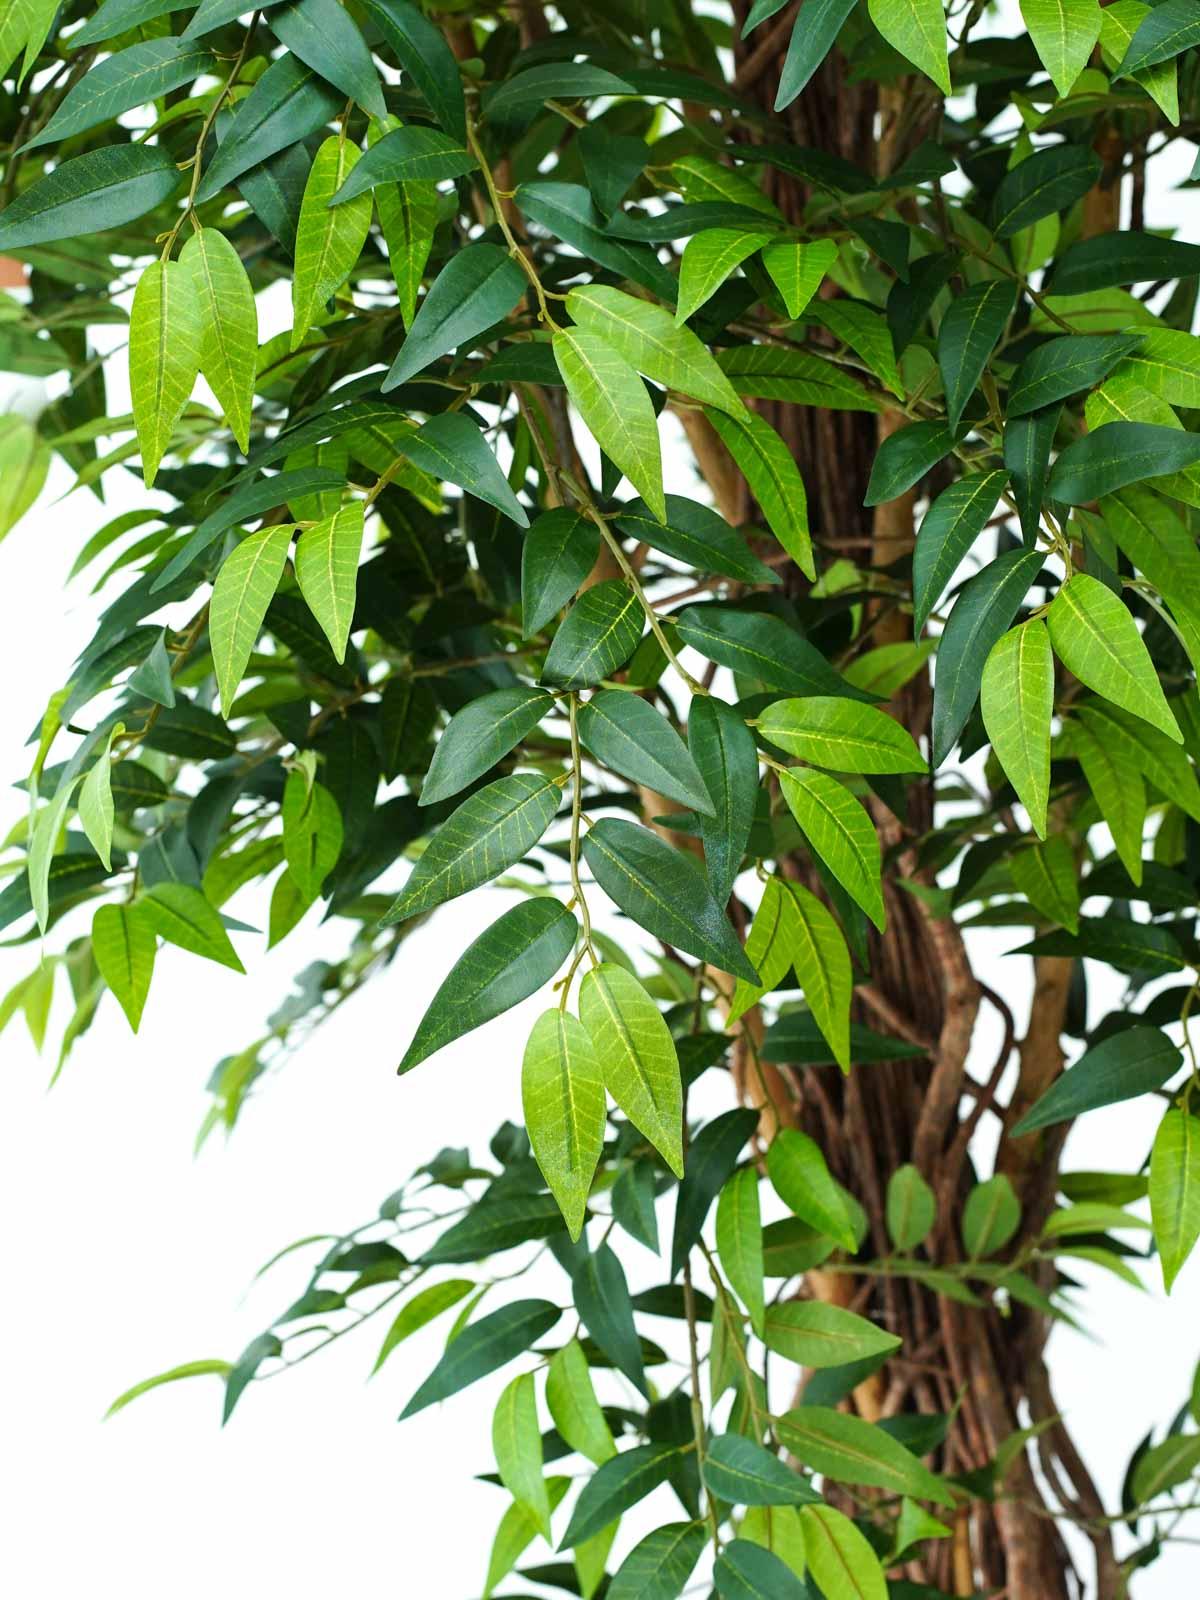 فرانس فيكس أسد ليانا شجرة إكس - كبير 'نباتات اصطناعية أشجار